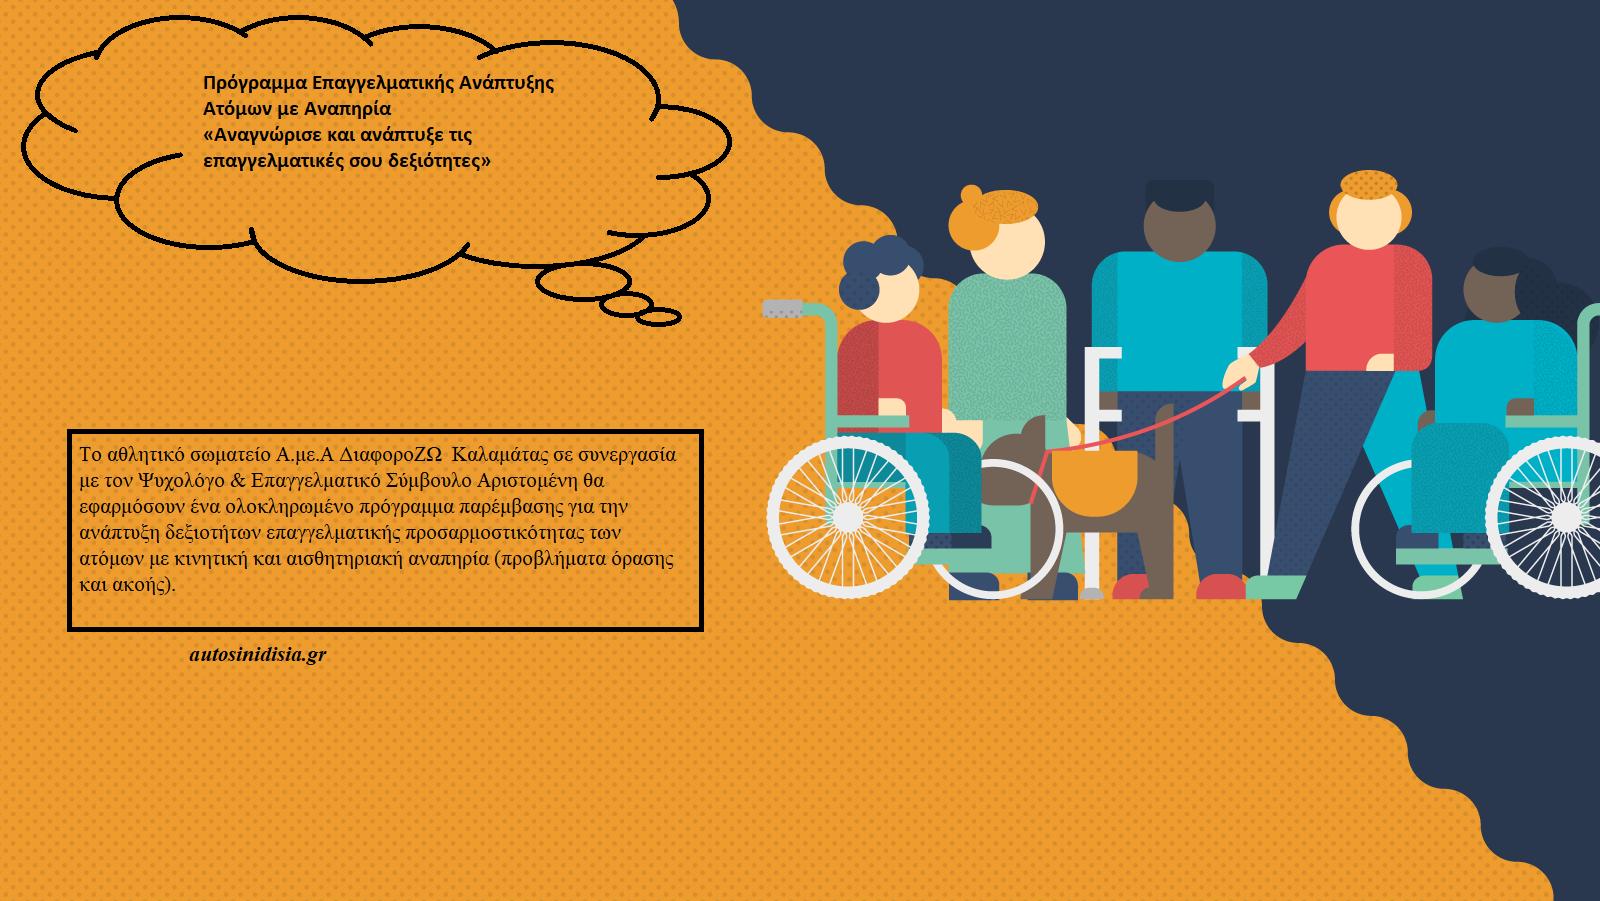 Ελεύθερο Πρόγραμμα Επαγγελματικής Ανάπτυξης Ατόμων με Αναπηρία από το ΔιαφοροΖΩ  Καλαμάτας